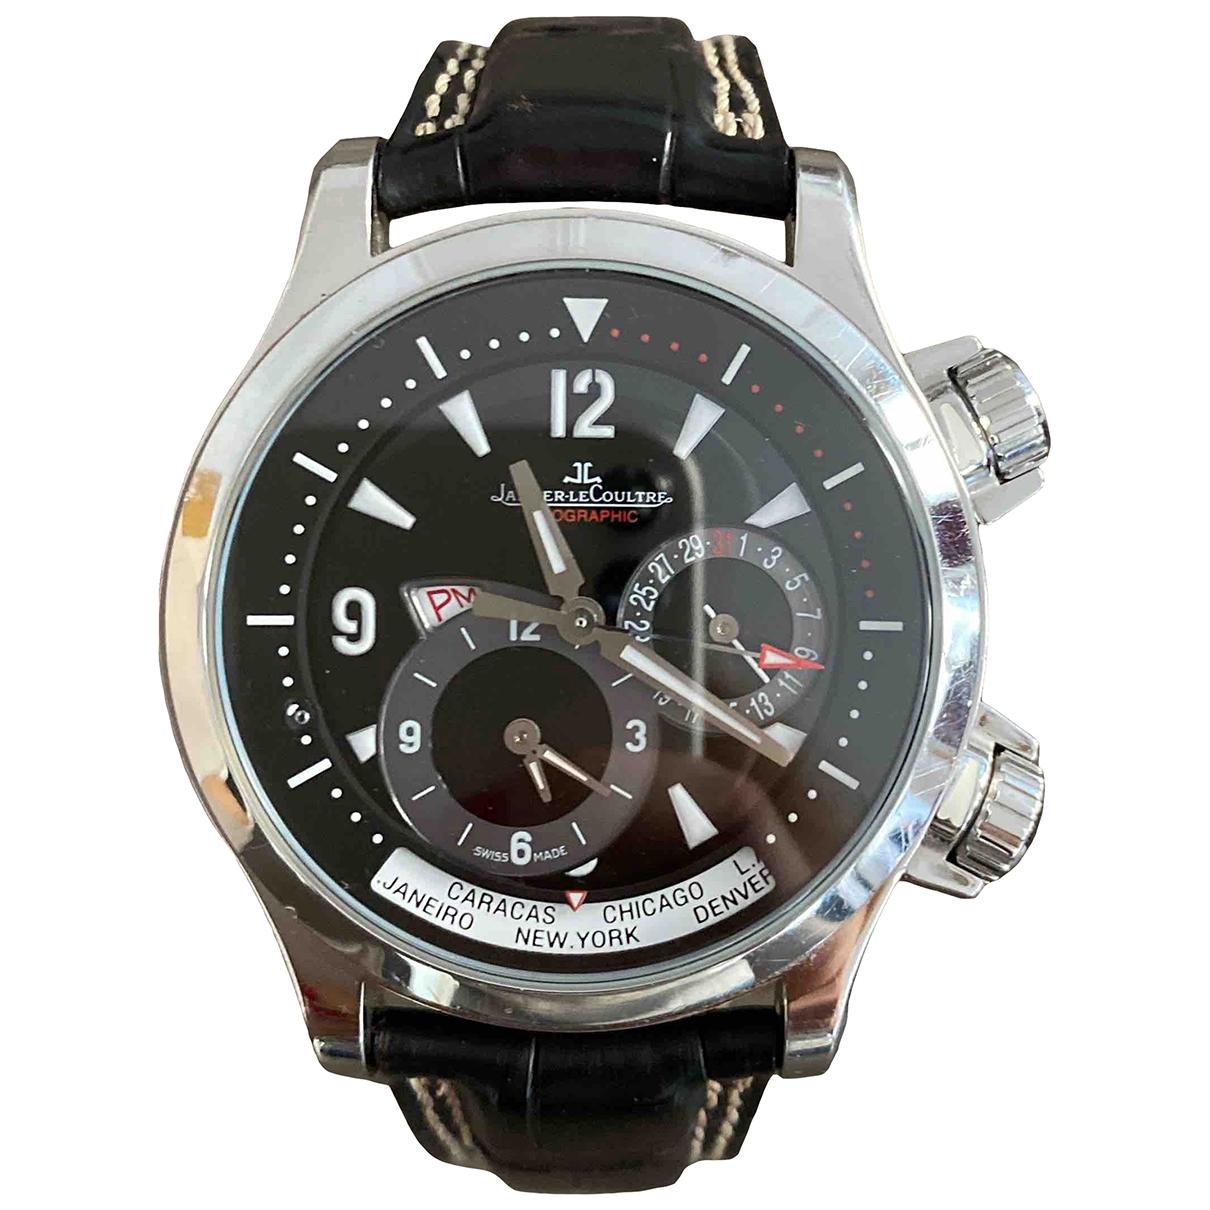 Jaeger-lecoultre Master Compressor  Uhr in  Silber Stahl